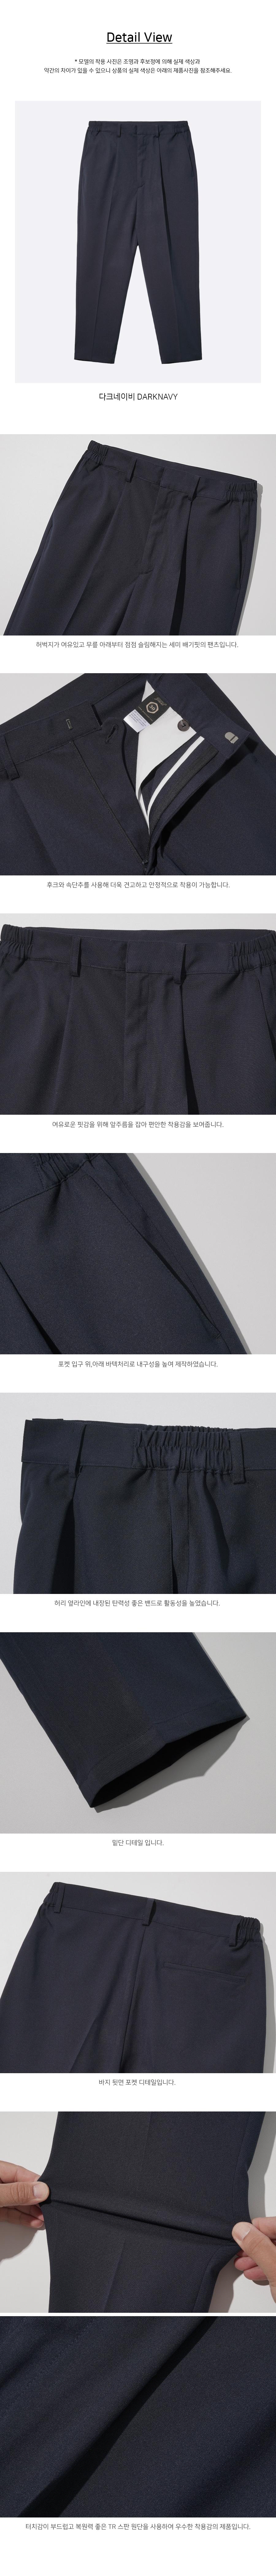 [제멋] 사이드밴딩 크롭 슬랙스 다크네이비 HJLP2295